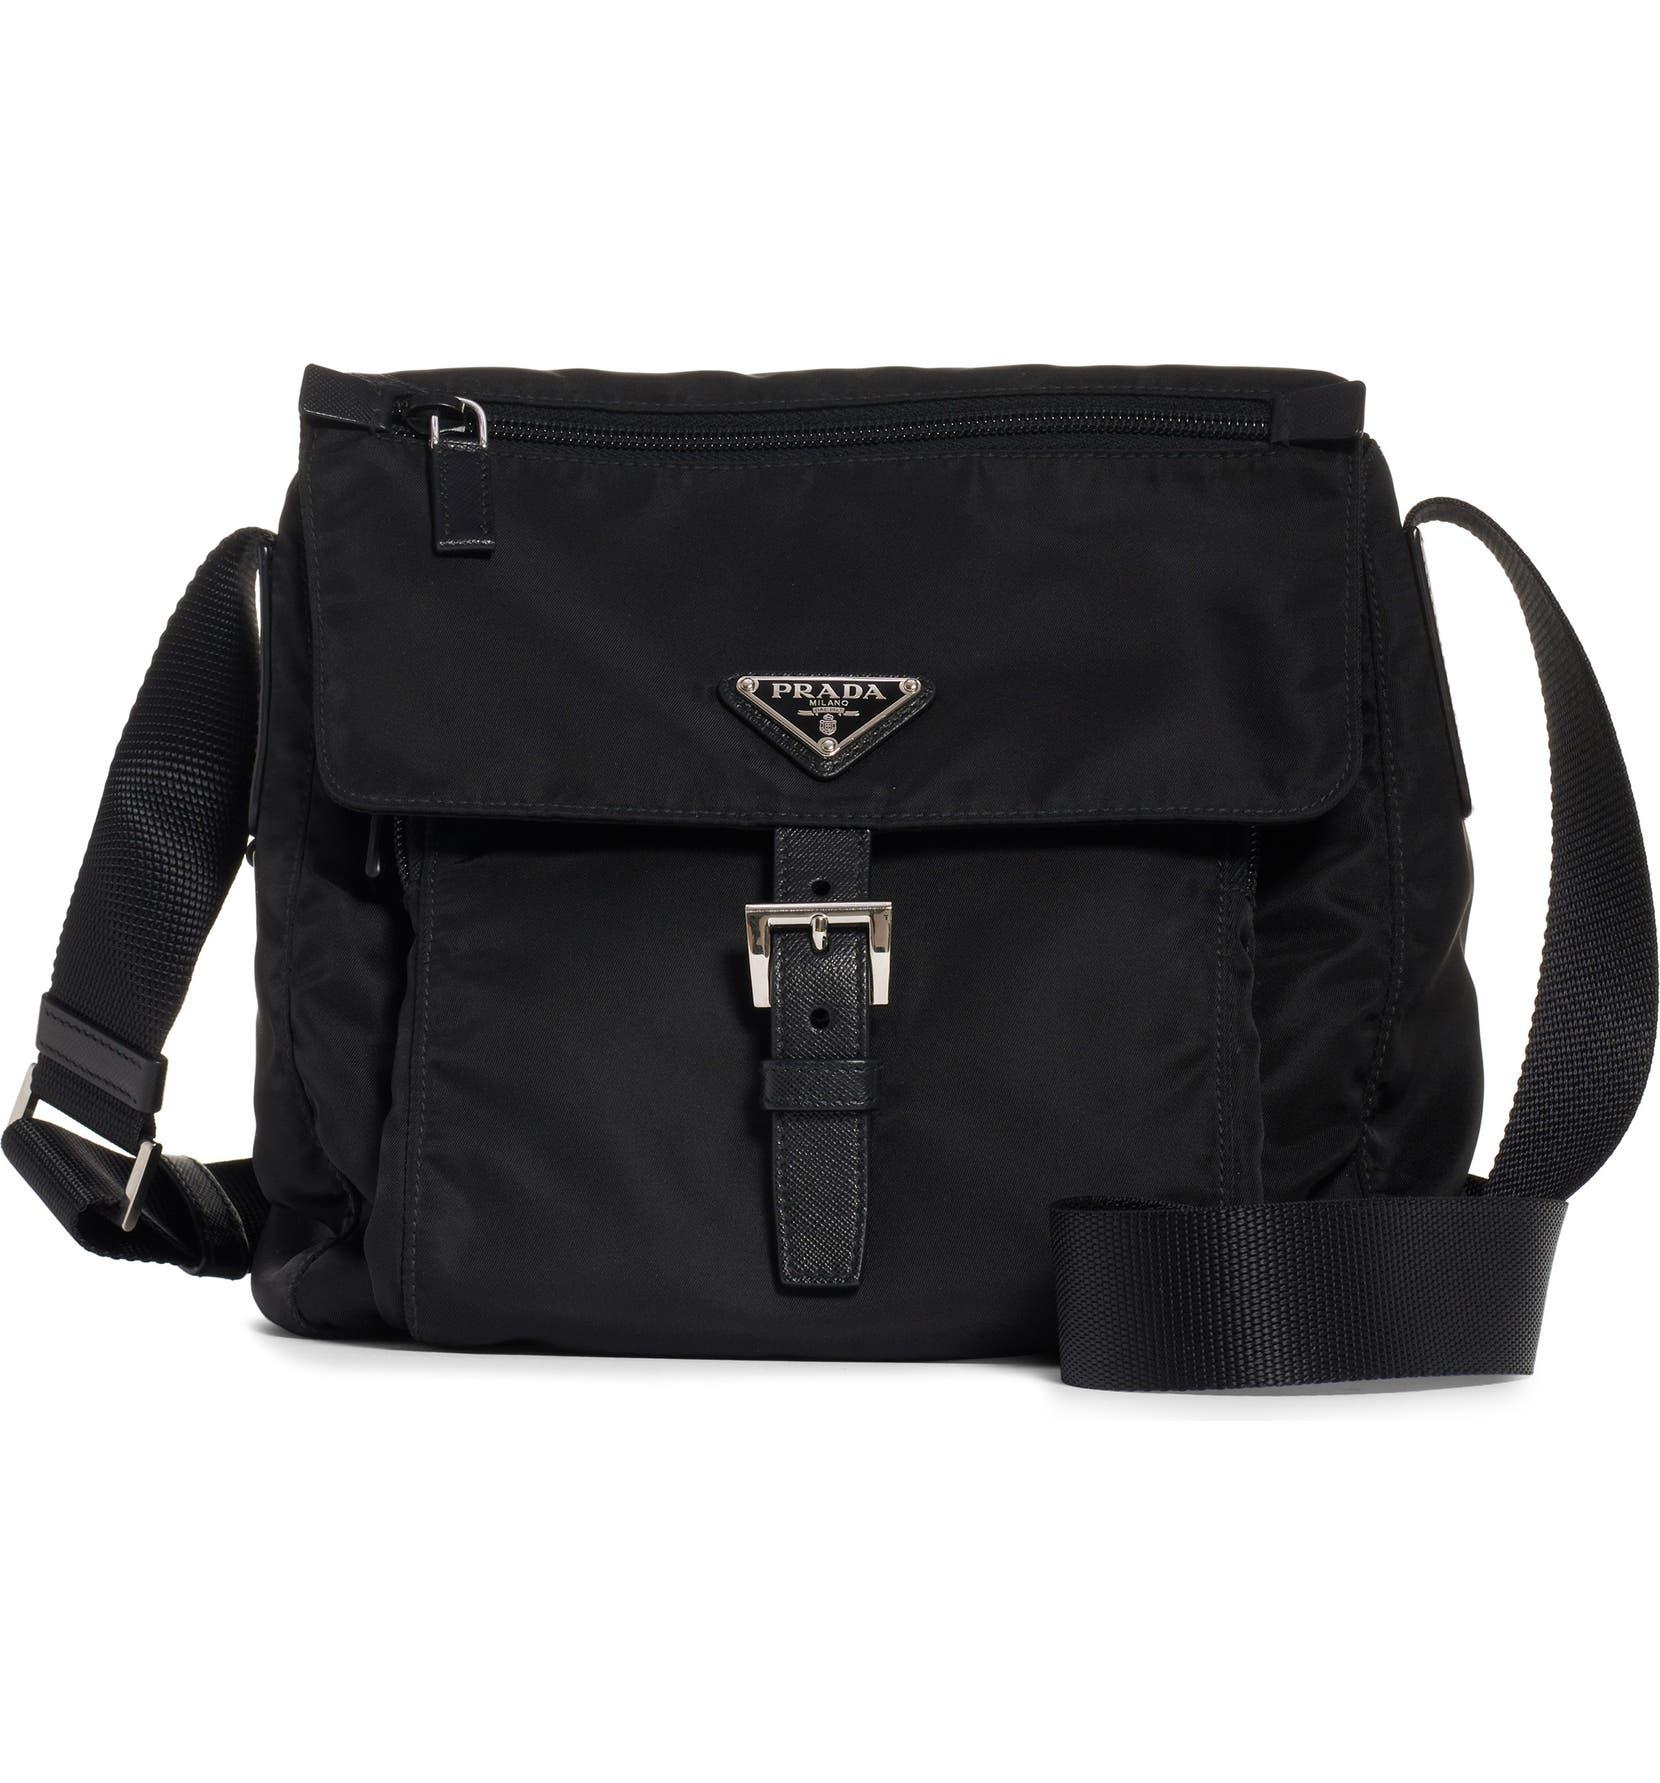 ffc5d669c588 Prada Vela Nylon Messenger Bag | Nordstrom